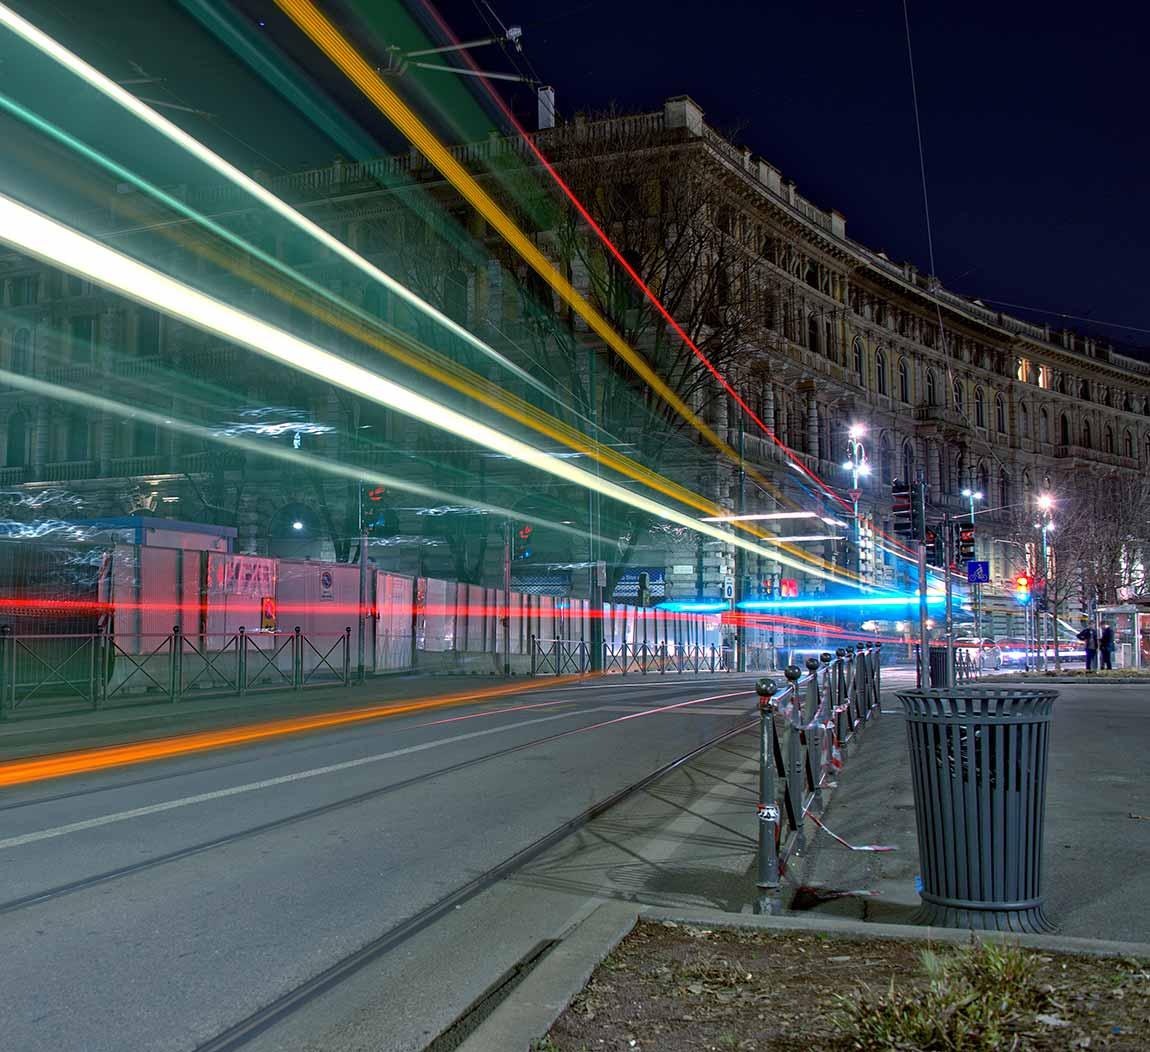 Des lumières dans la rue